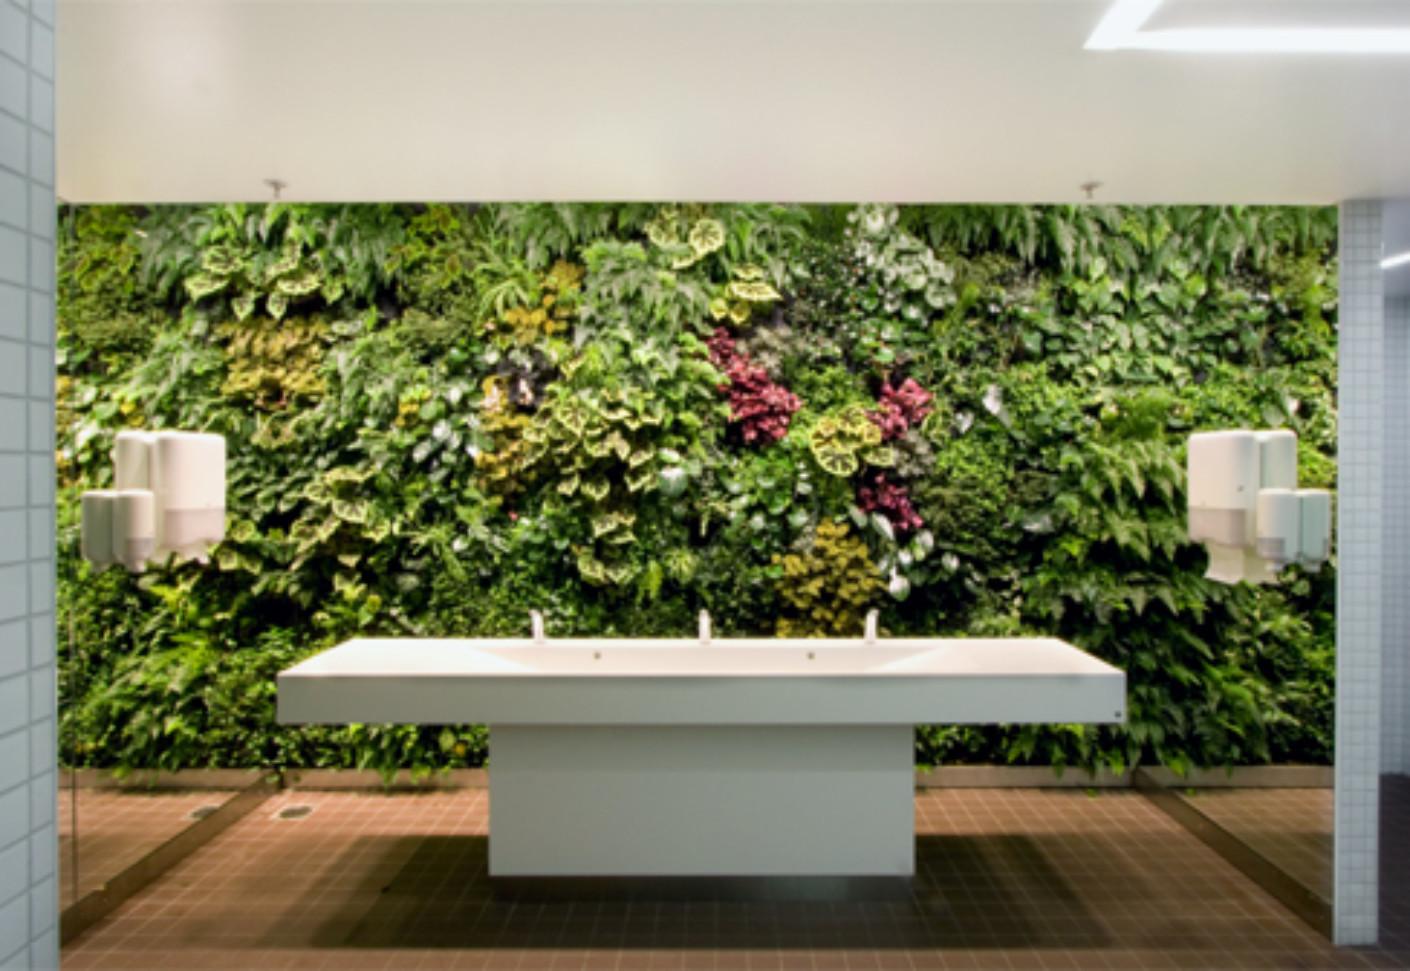 Fullsize Of Indoor Vertical Gardens